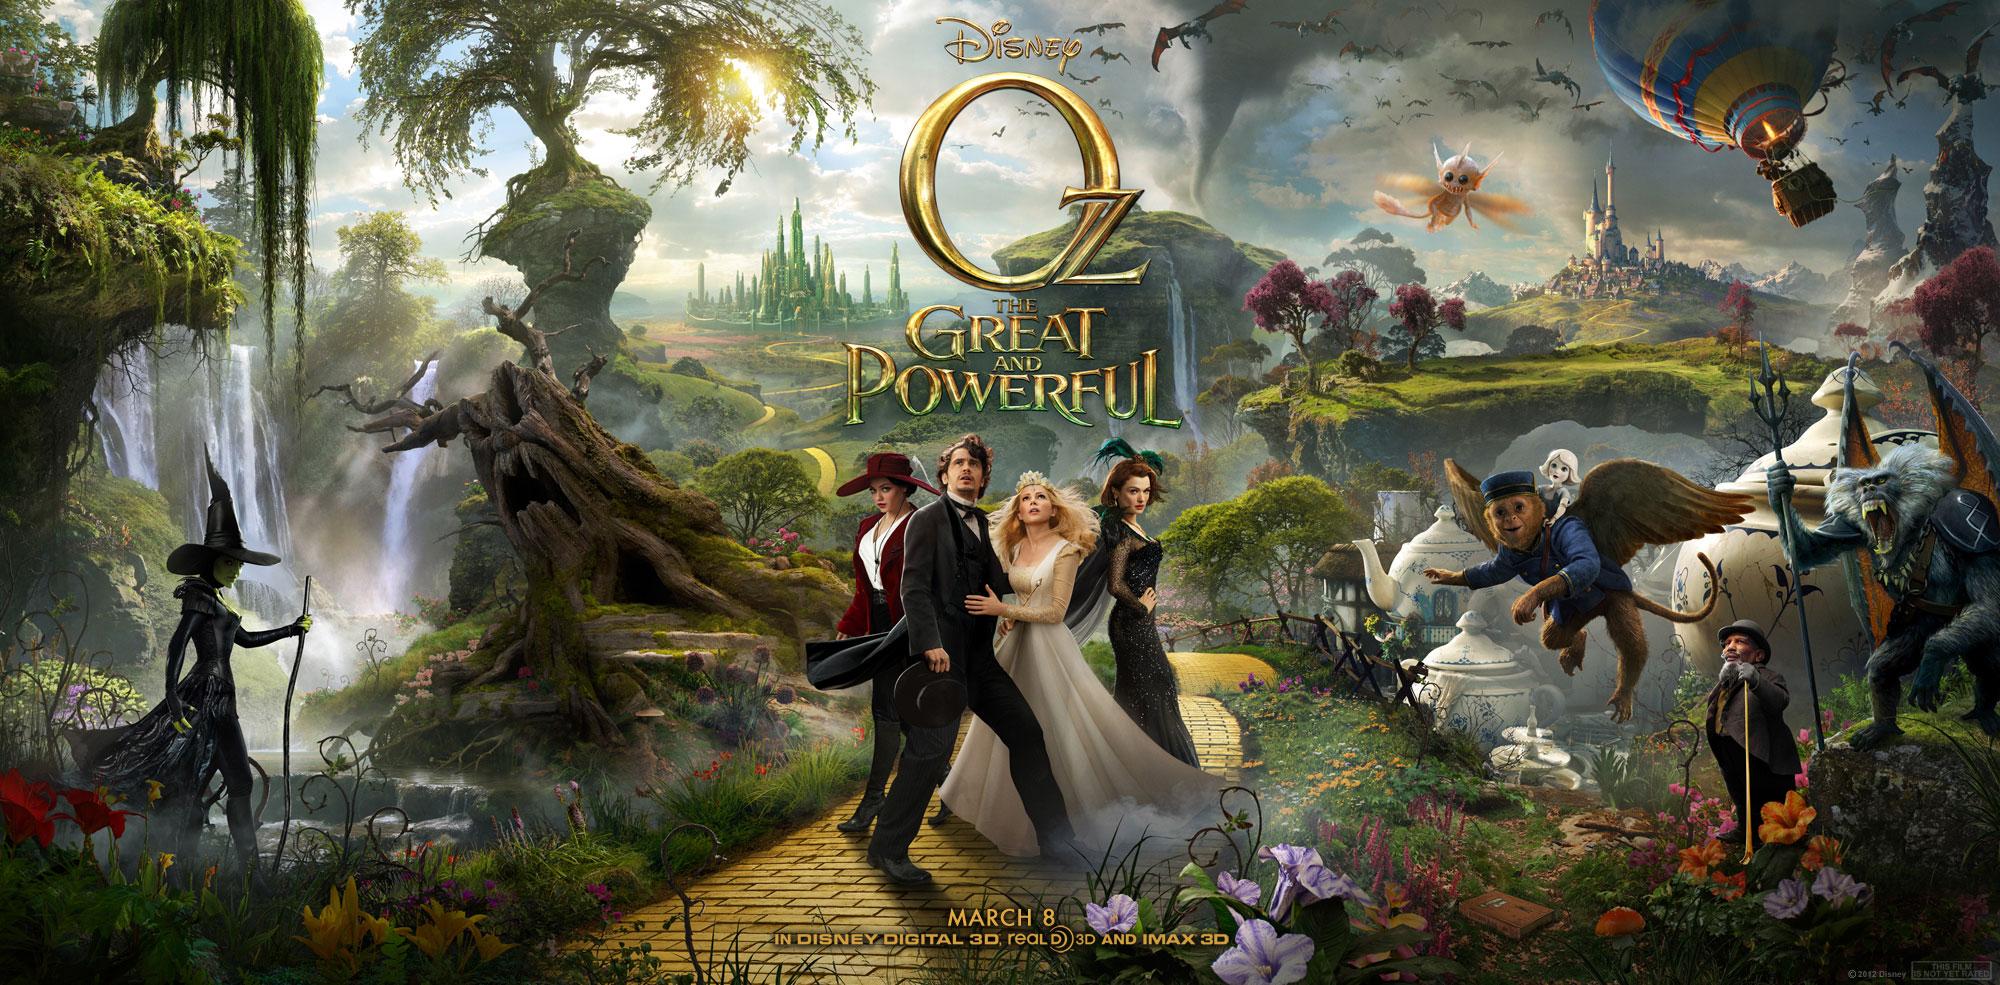 Le Monde Fantastique d'Oz [Disney - 2013] - Page 4 OZ-TRIPTYCH-DEBUT-jpg_171009